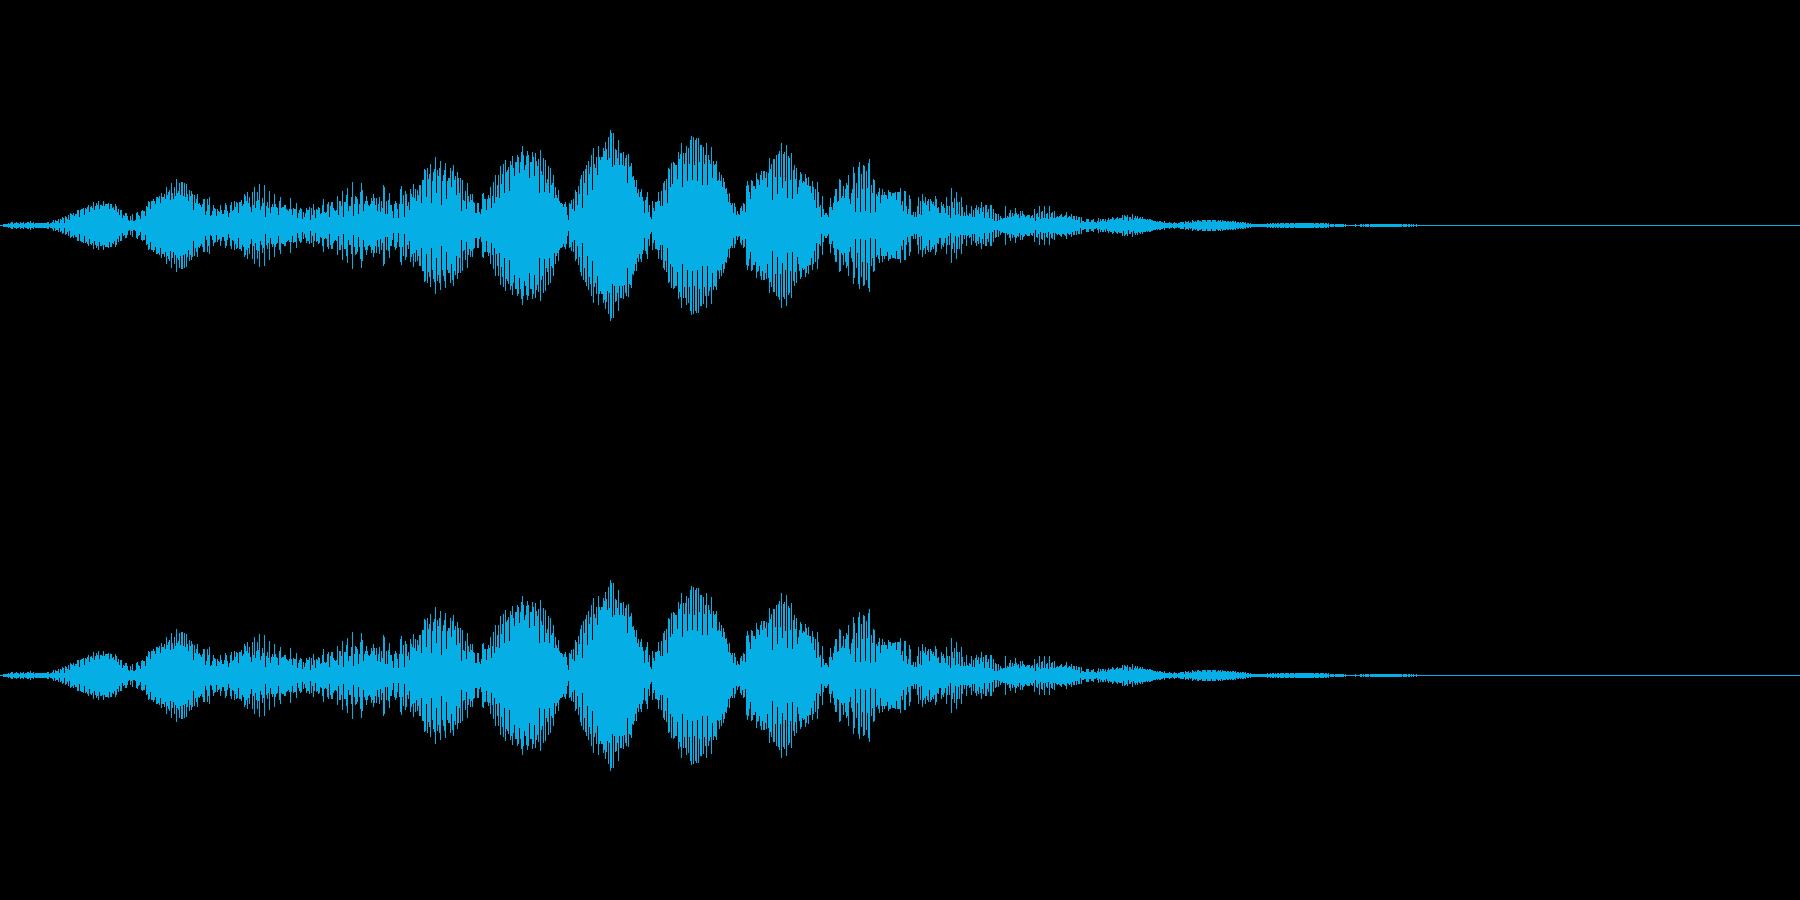 恐怖音01(低音)の再生済みの波形